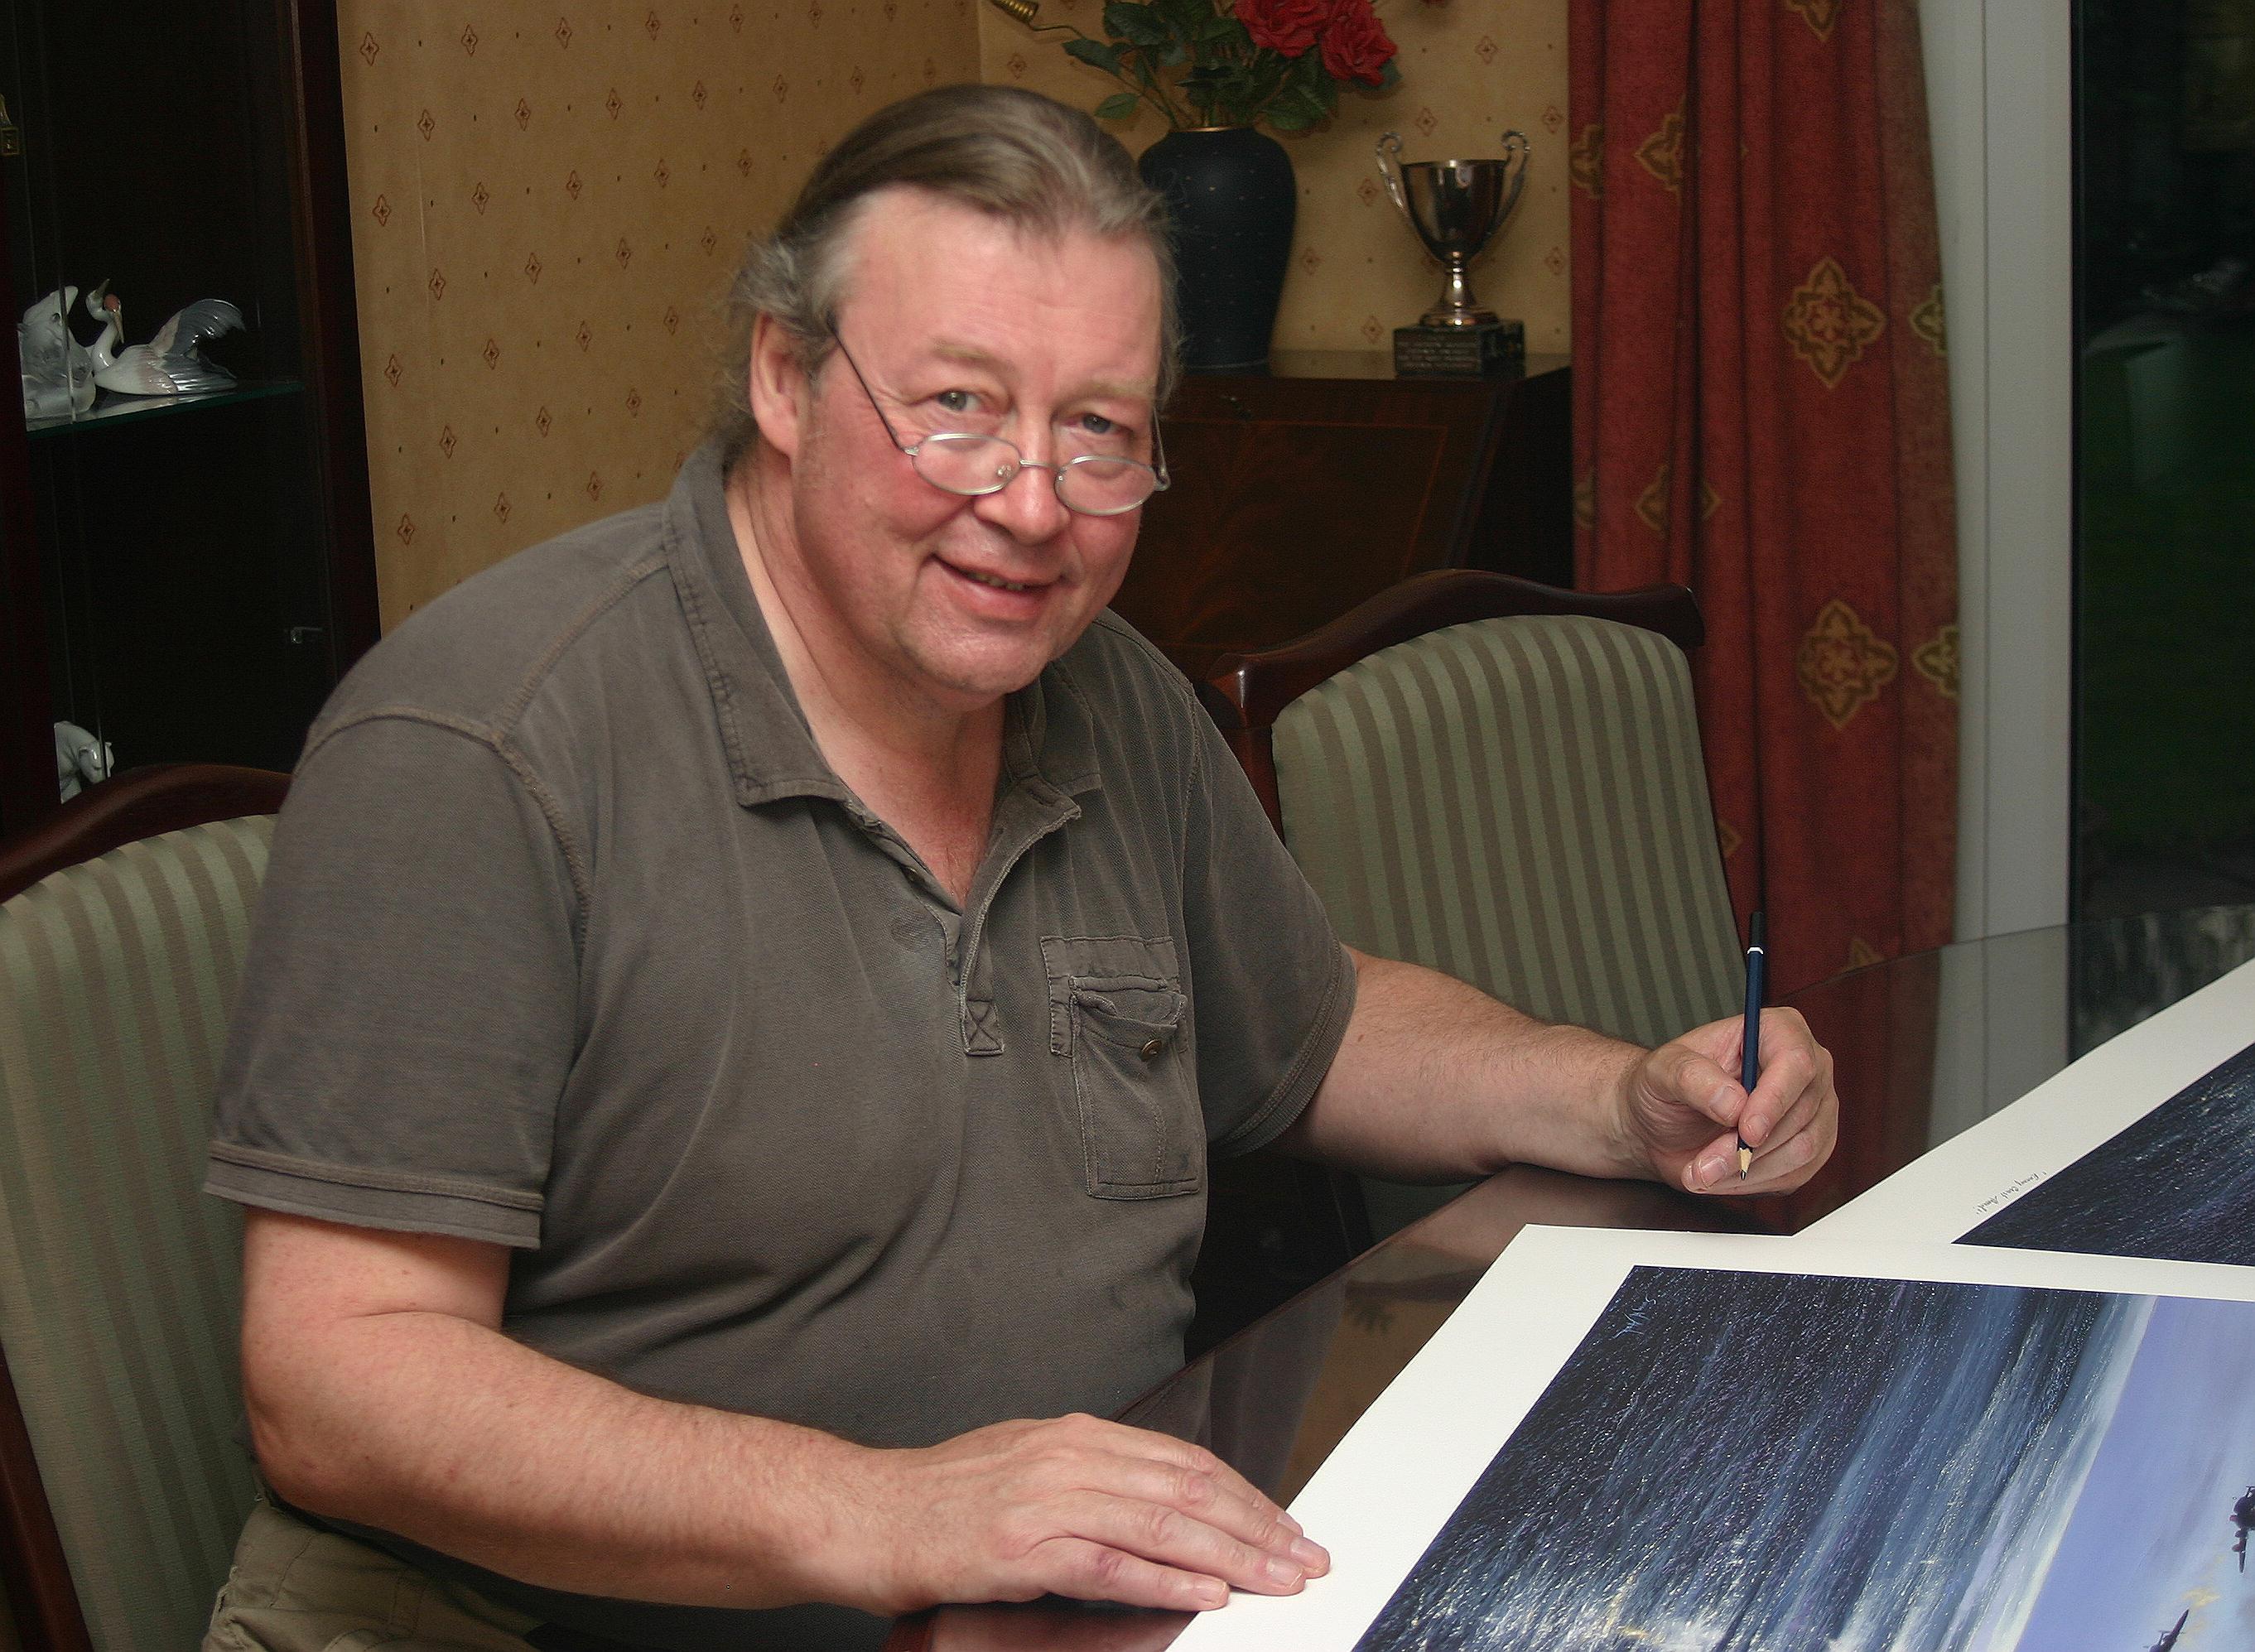 Simon W. Atack